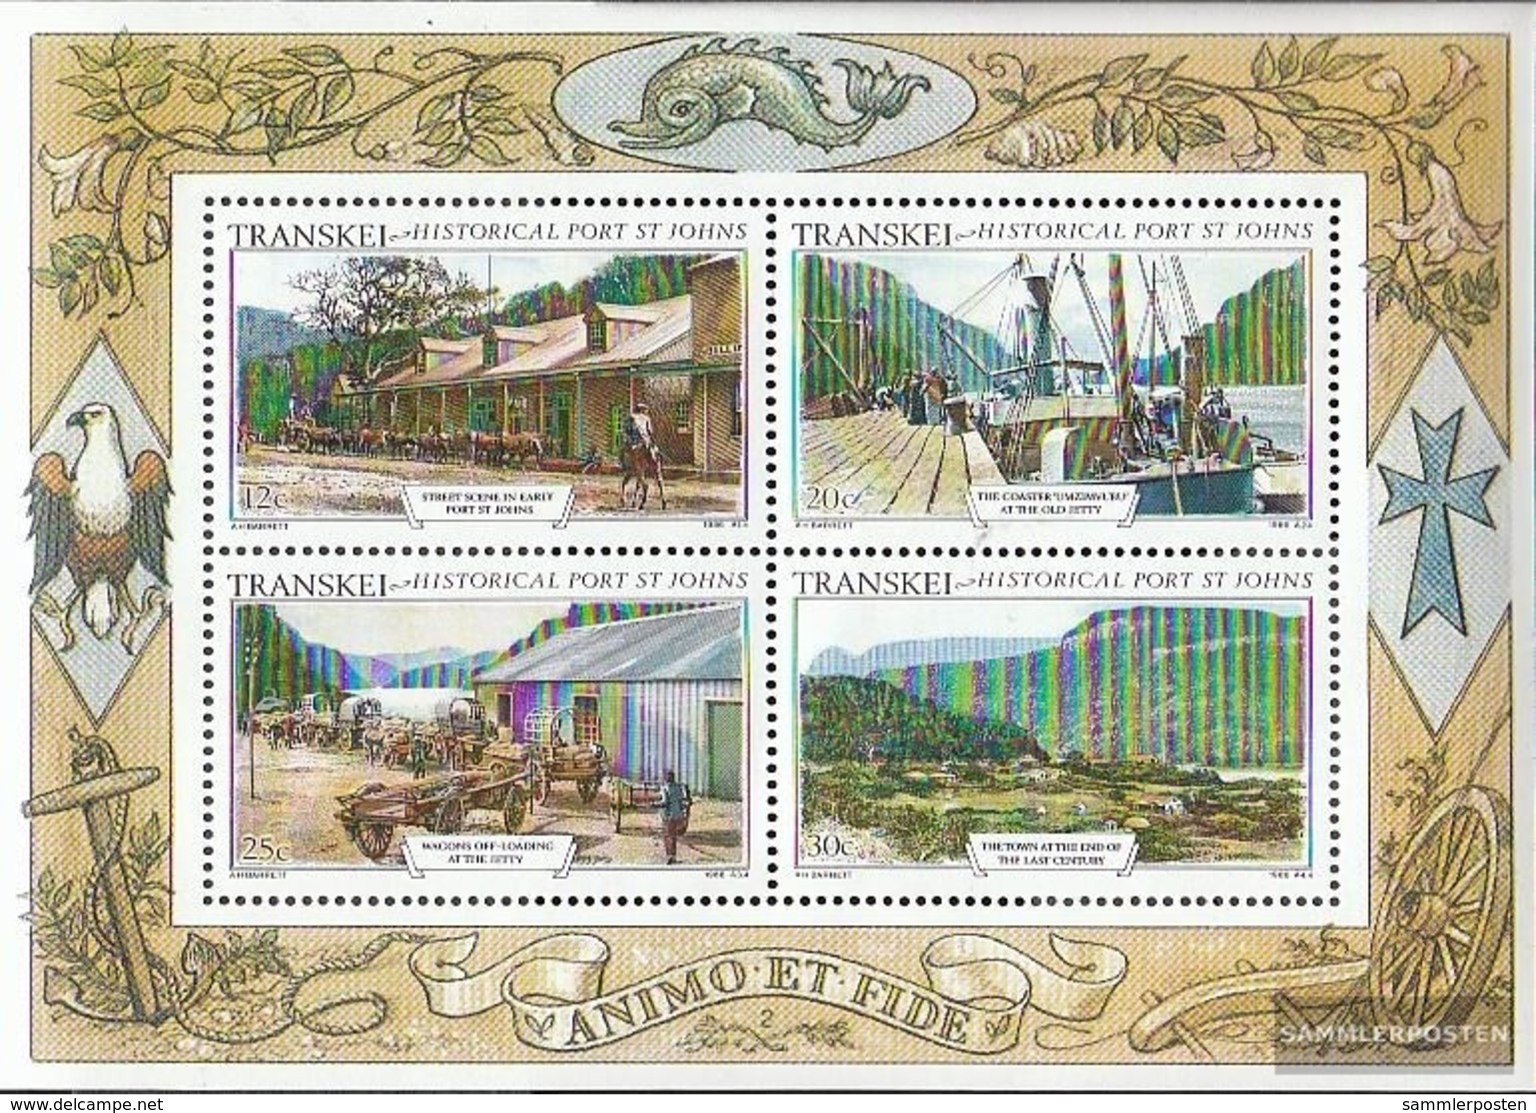 Südafrika - Transkei Blocco 2 (completa Edizione) Usato 1986 Vecchio Views - Transkei